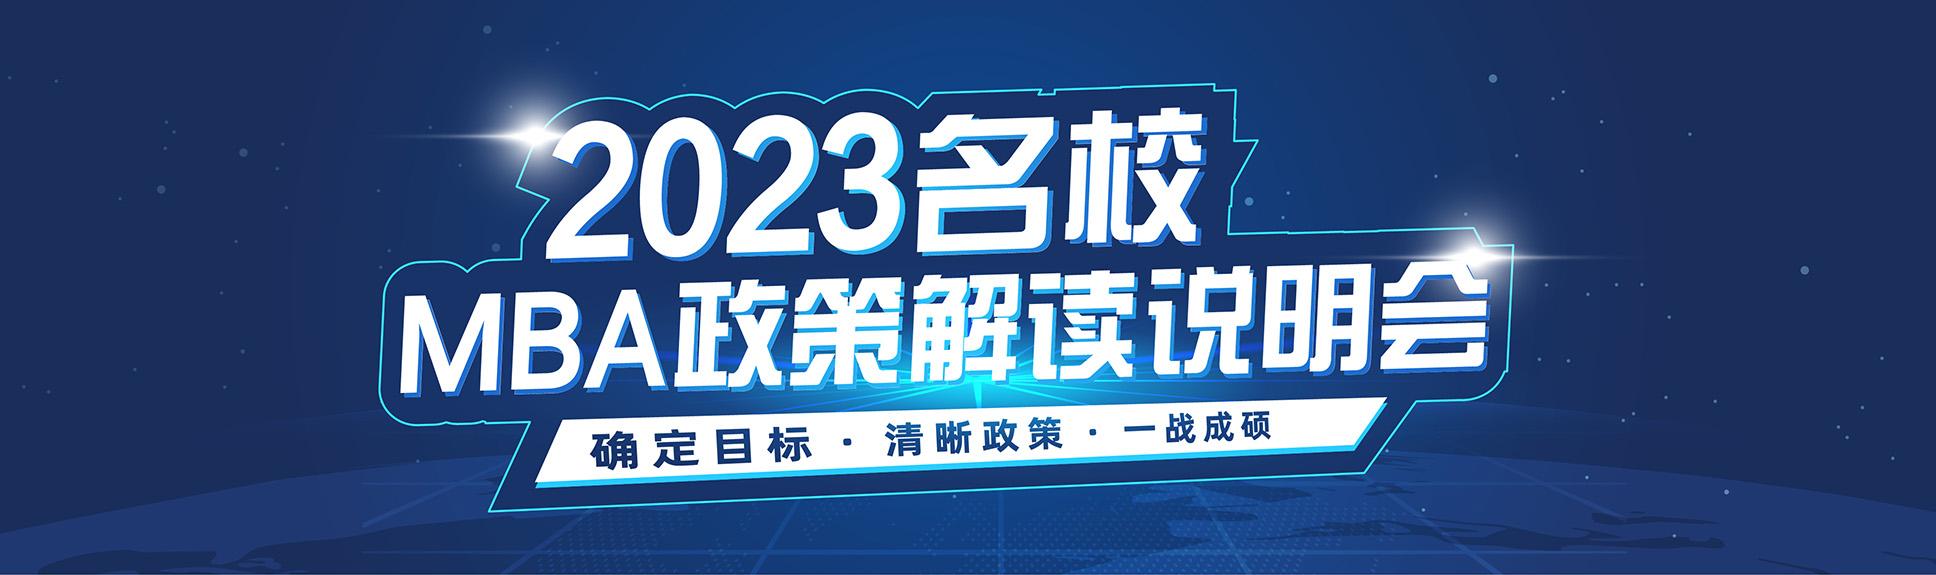 备战2023管理类联考院校政策发布会